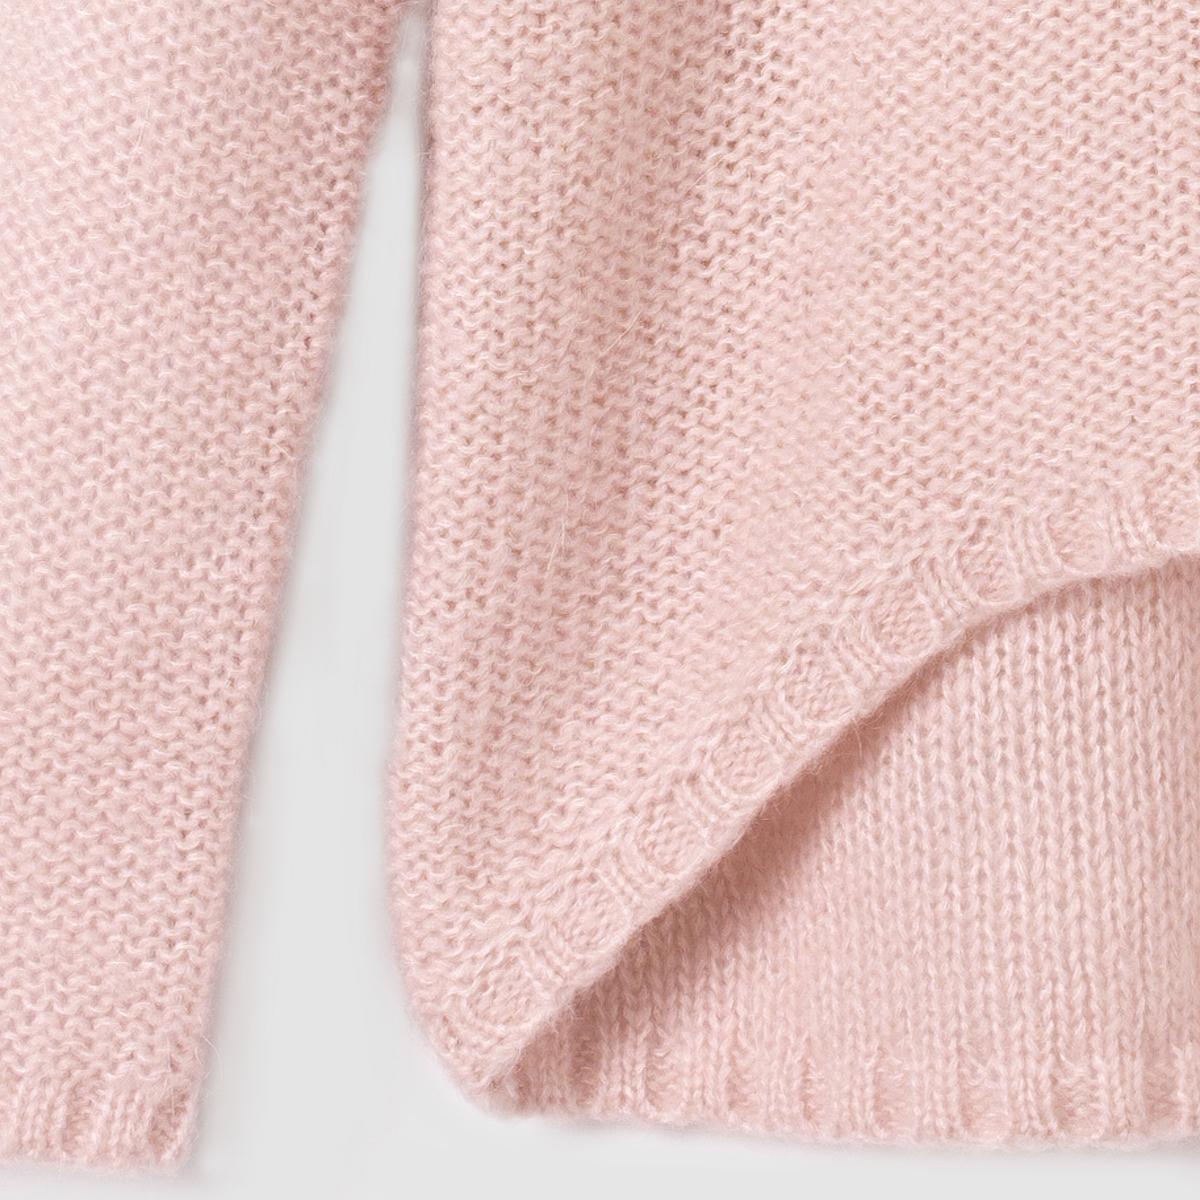 Пуловер удлиненный сзади на 10-16 летПуловер с длинными рукавами и высоким воротником. Чуть длиннее сзади. Отделка в виде вязки в рубчик.                    Состав и описание:           Материал: 56% акрила, 35% полиамида, 9% мохера.         Марка: R essentiel.                     Уход:          Машинная стирка при 30° с одеждой такого же цвета.          Стирать и сушить с изнанки.          Сушить в расправленном виде.          Машинная сушка запрещена.          Не гладить.<br><br>Цвет: розовый<br>Размер: 10 лет - 138 см.14 лет.16 лет